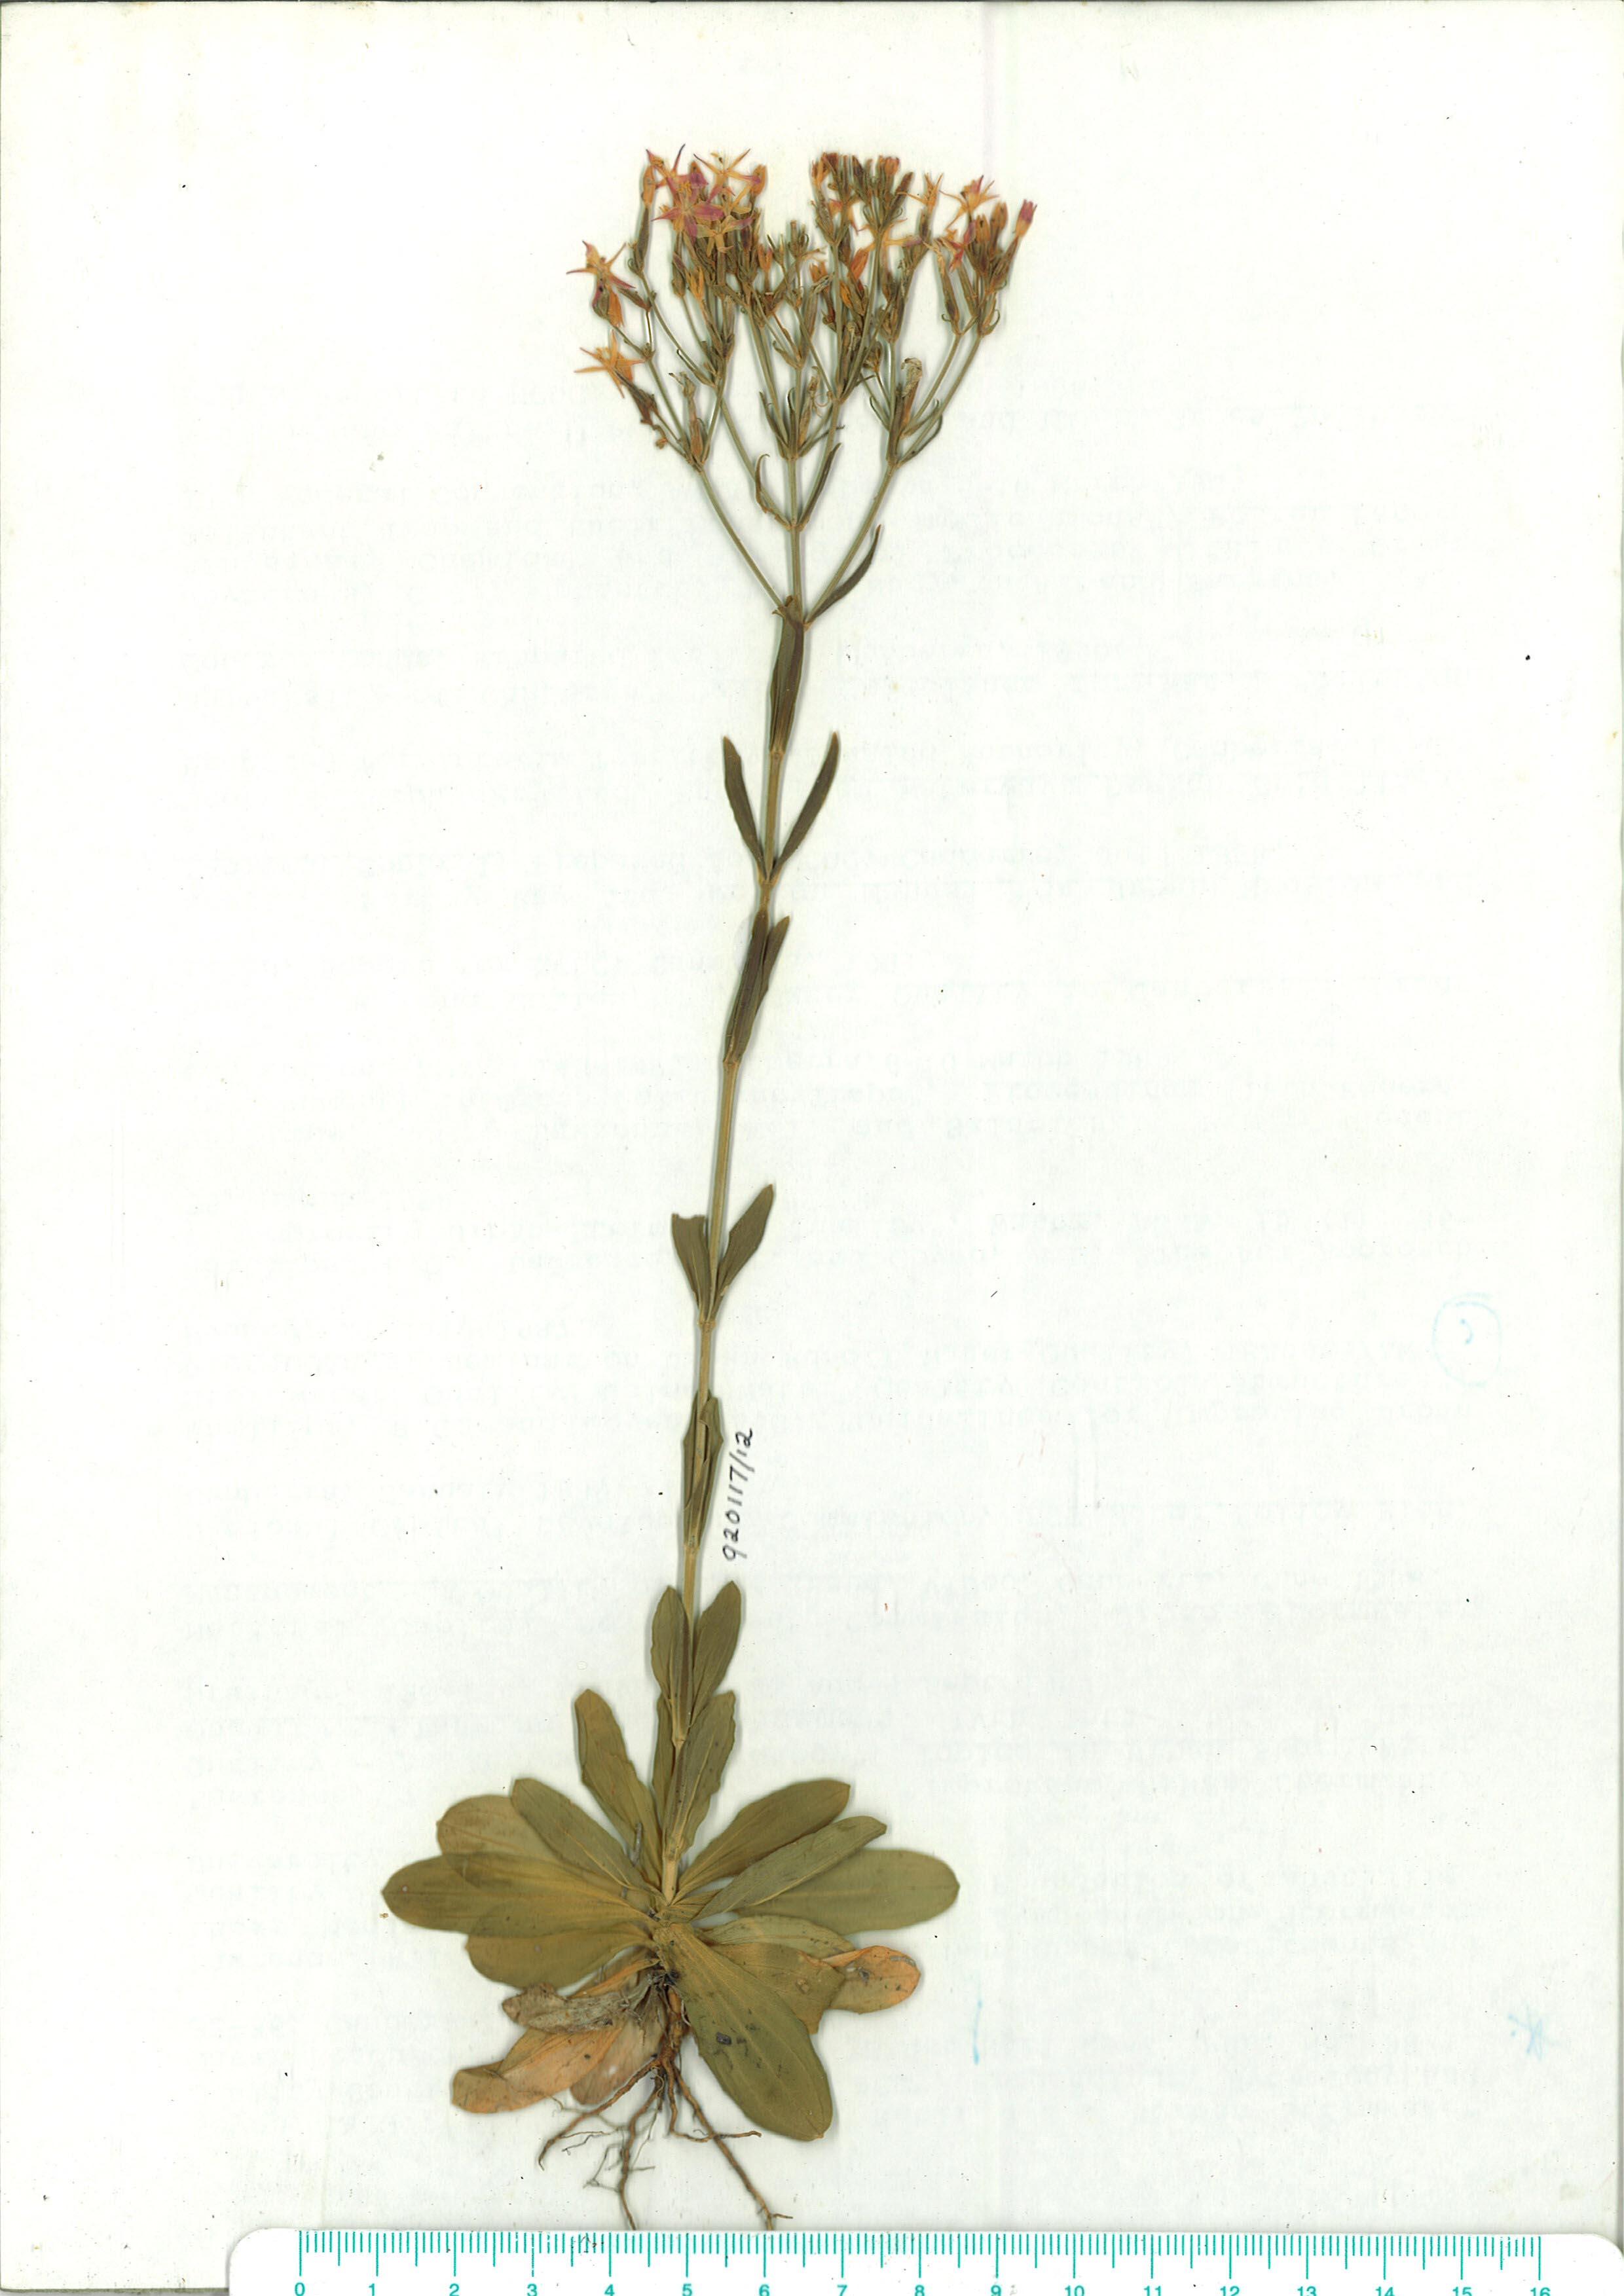 Scanned herbarium image of Centaurium erythaea